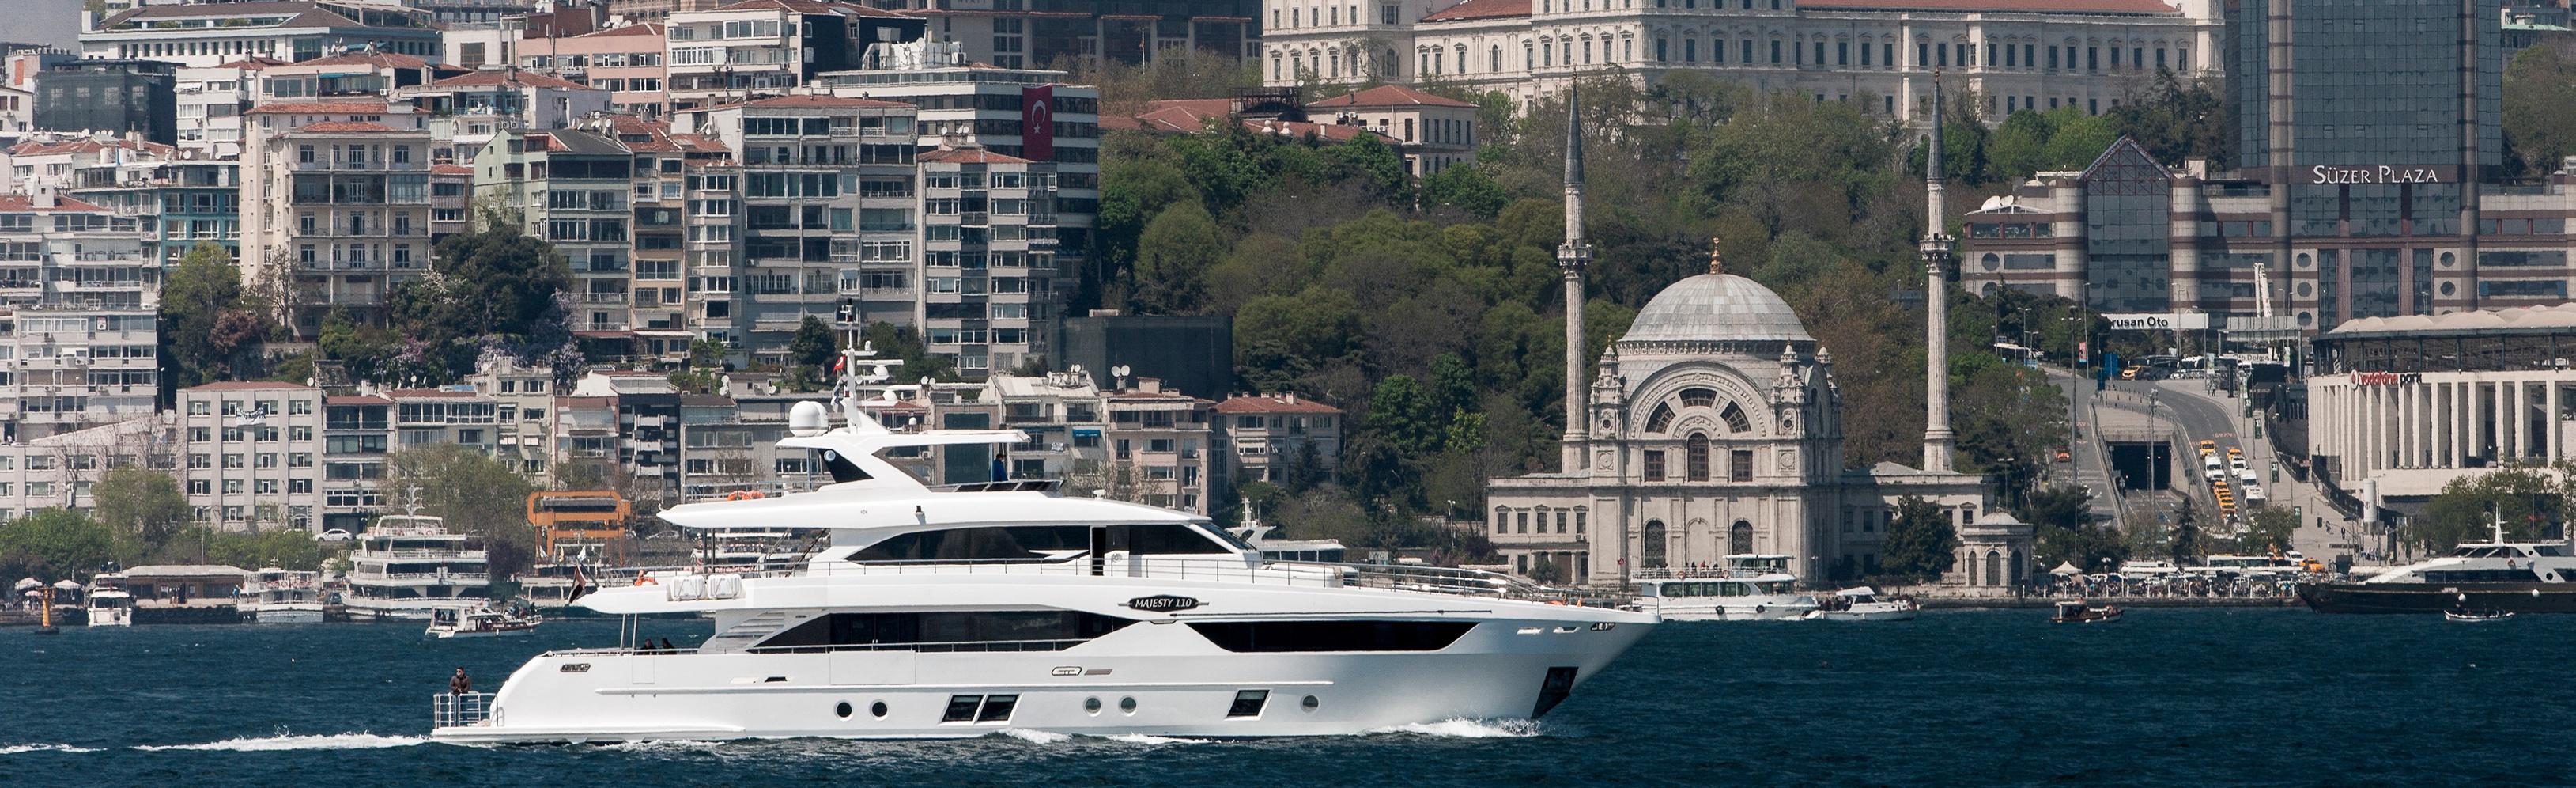 Majesty-110,-Bosphorus